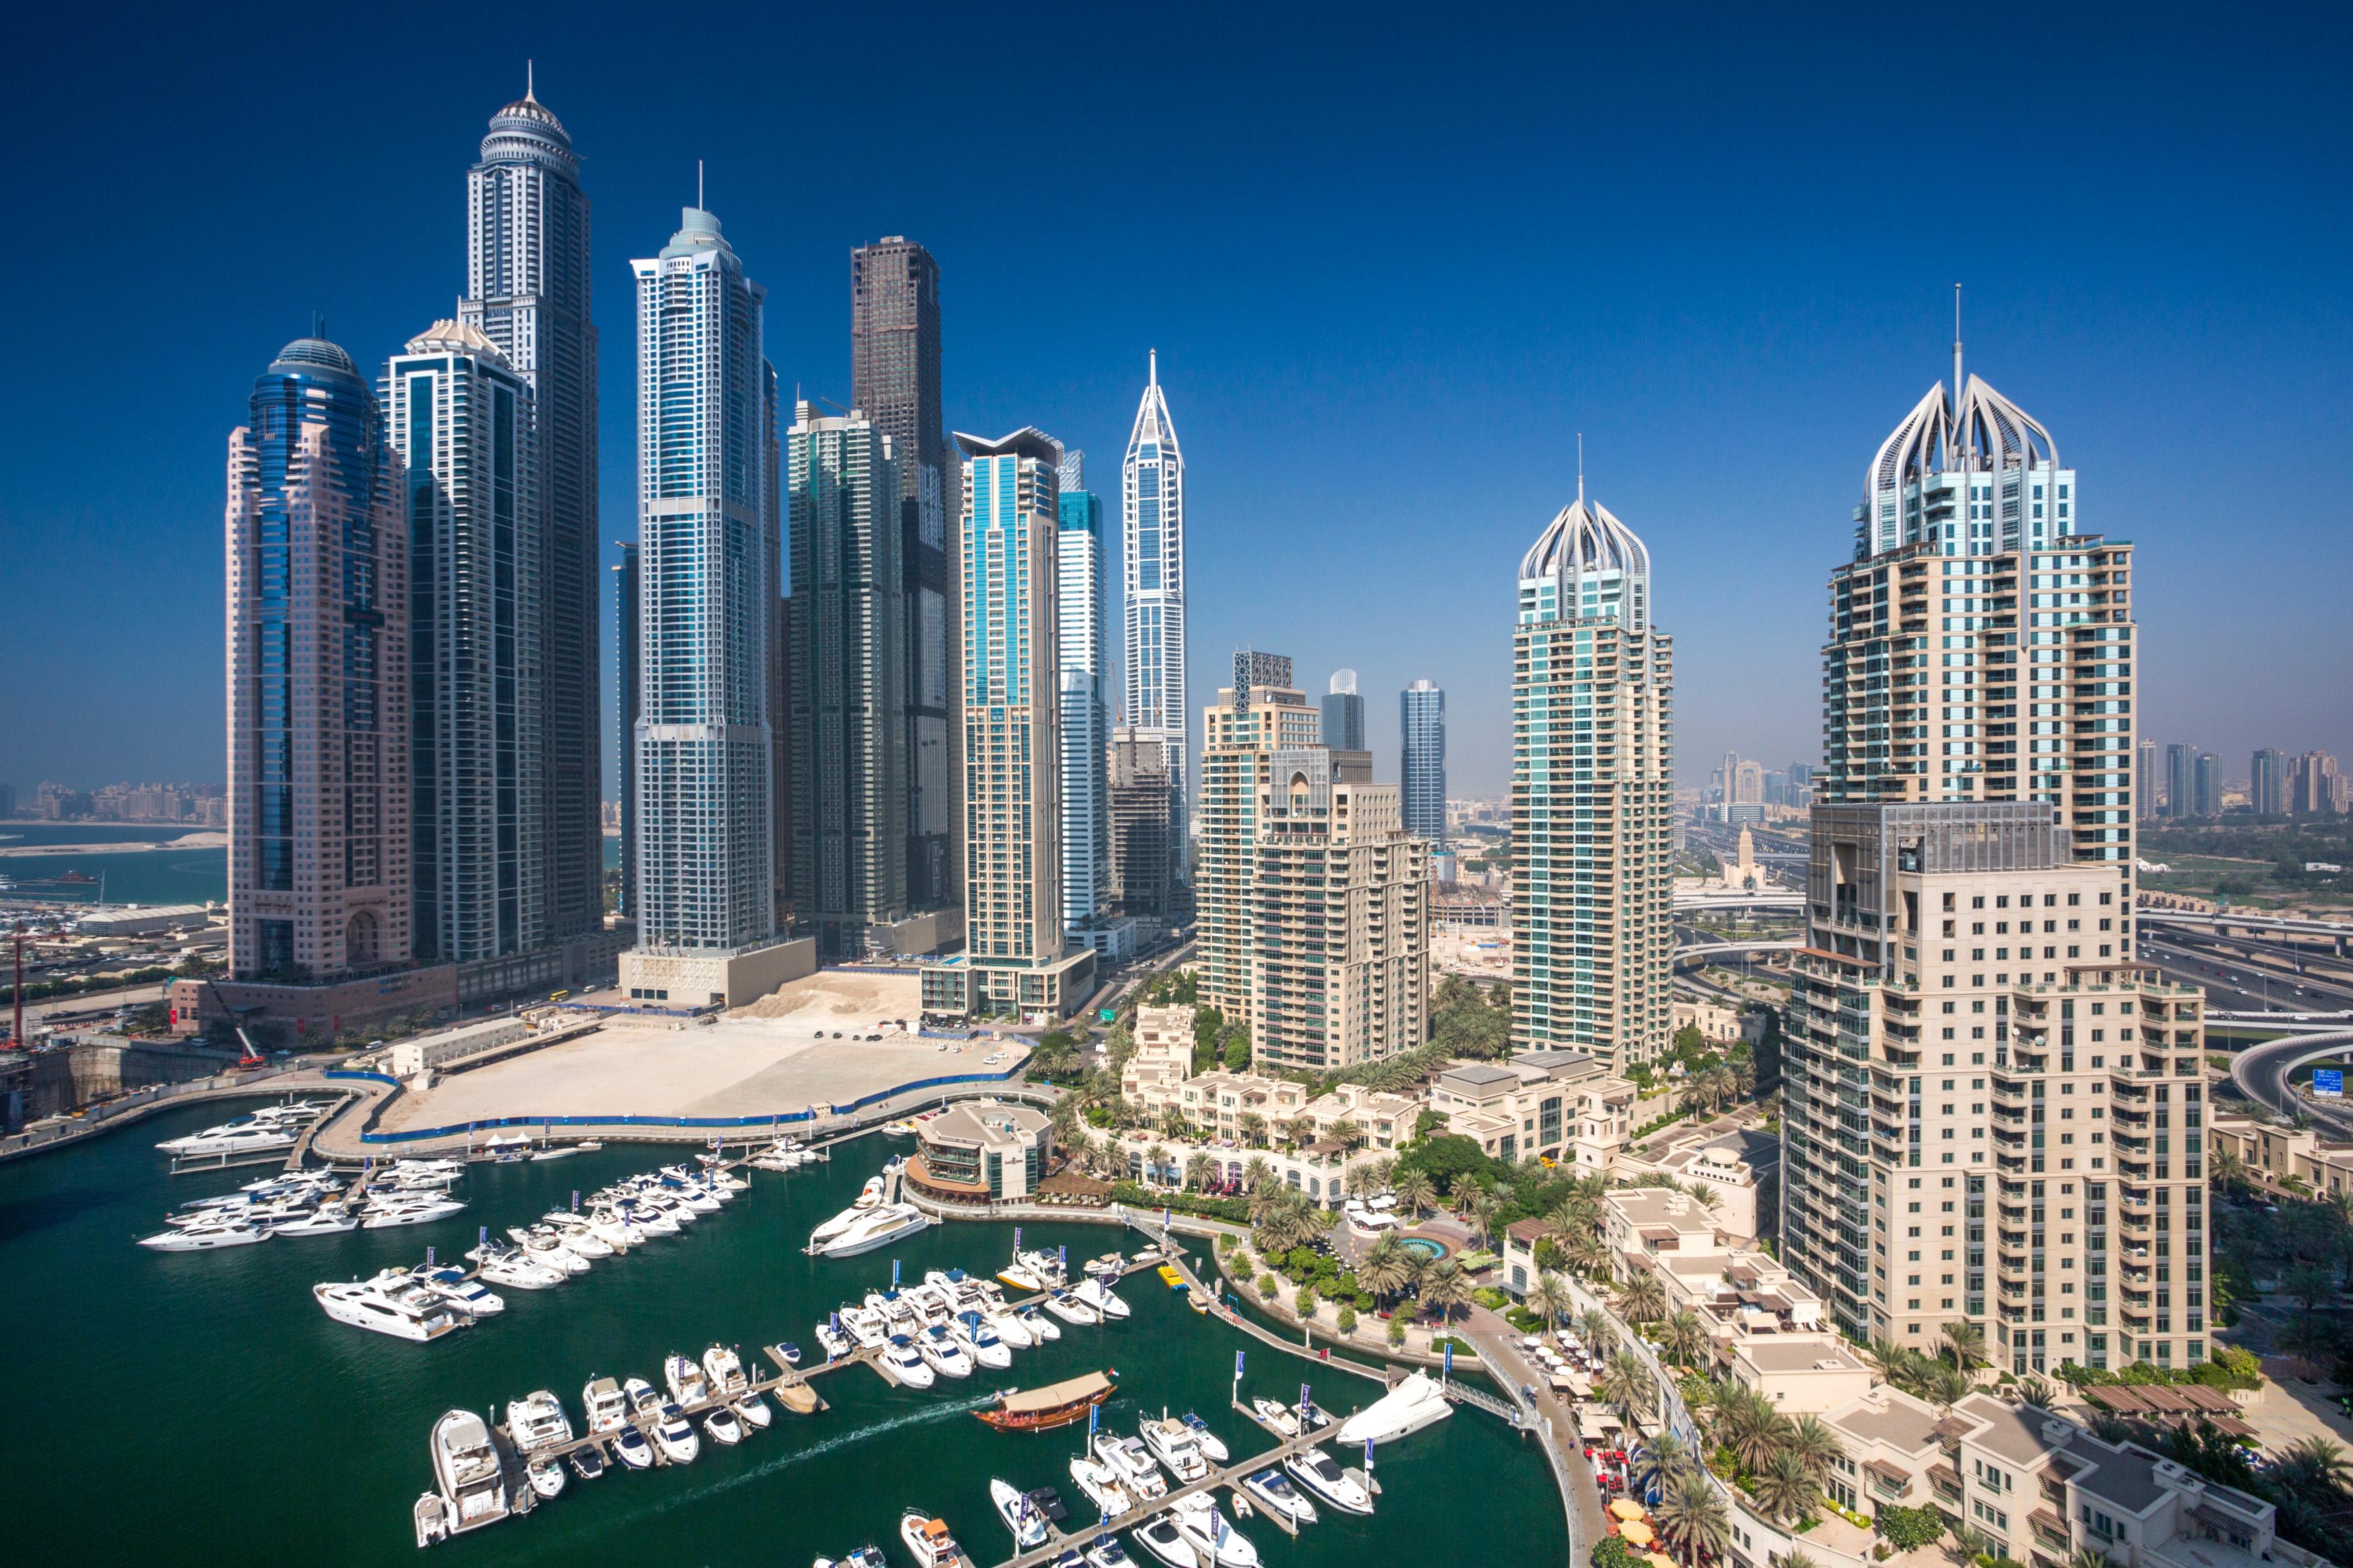 United Arab Emirates, UAE, Dubai, City, Dubai Marina, Dubai, architecture, boat, boats, buildings, construction, futuristic, har